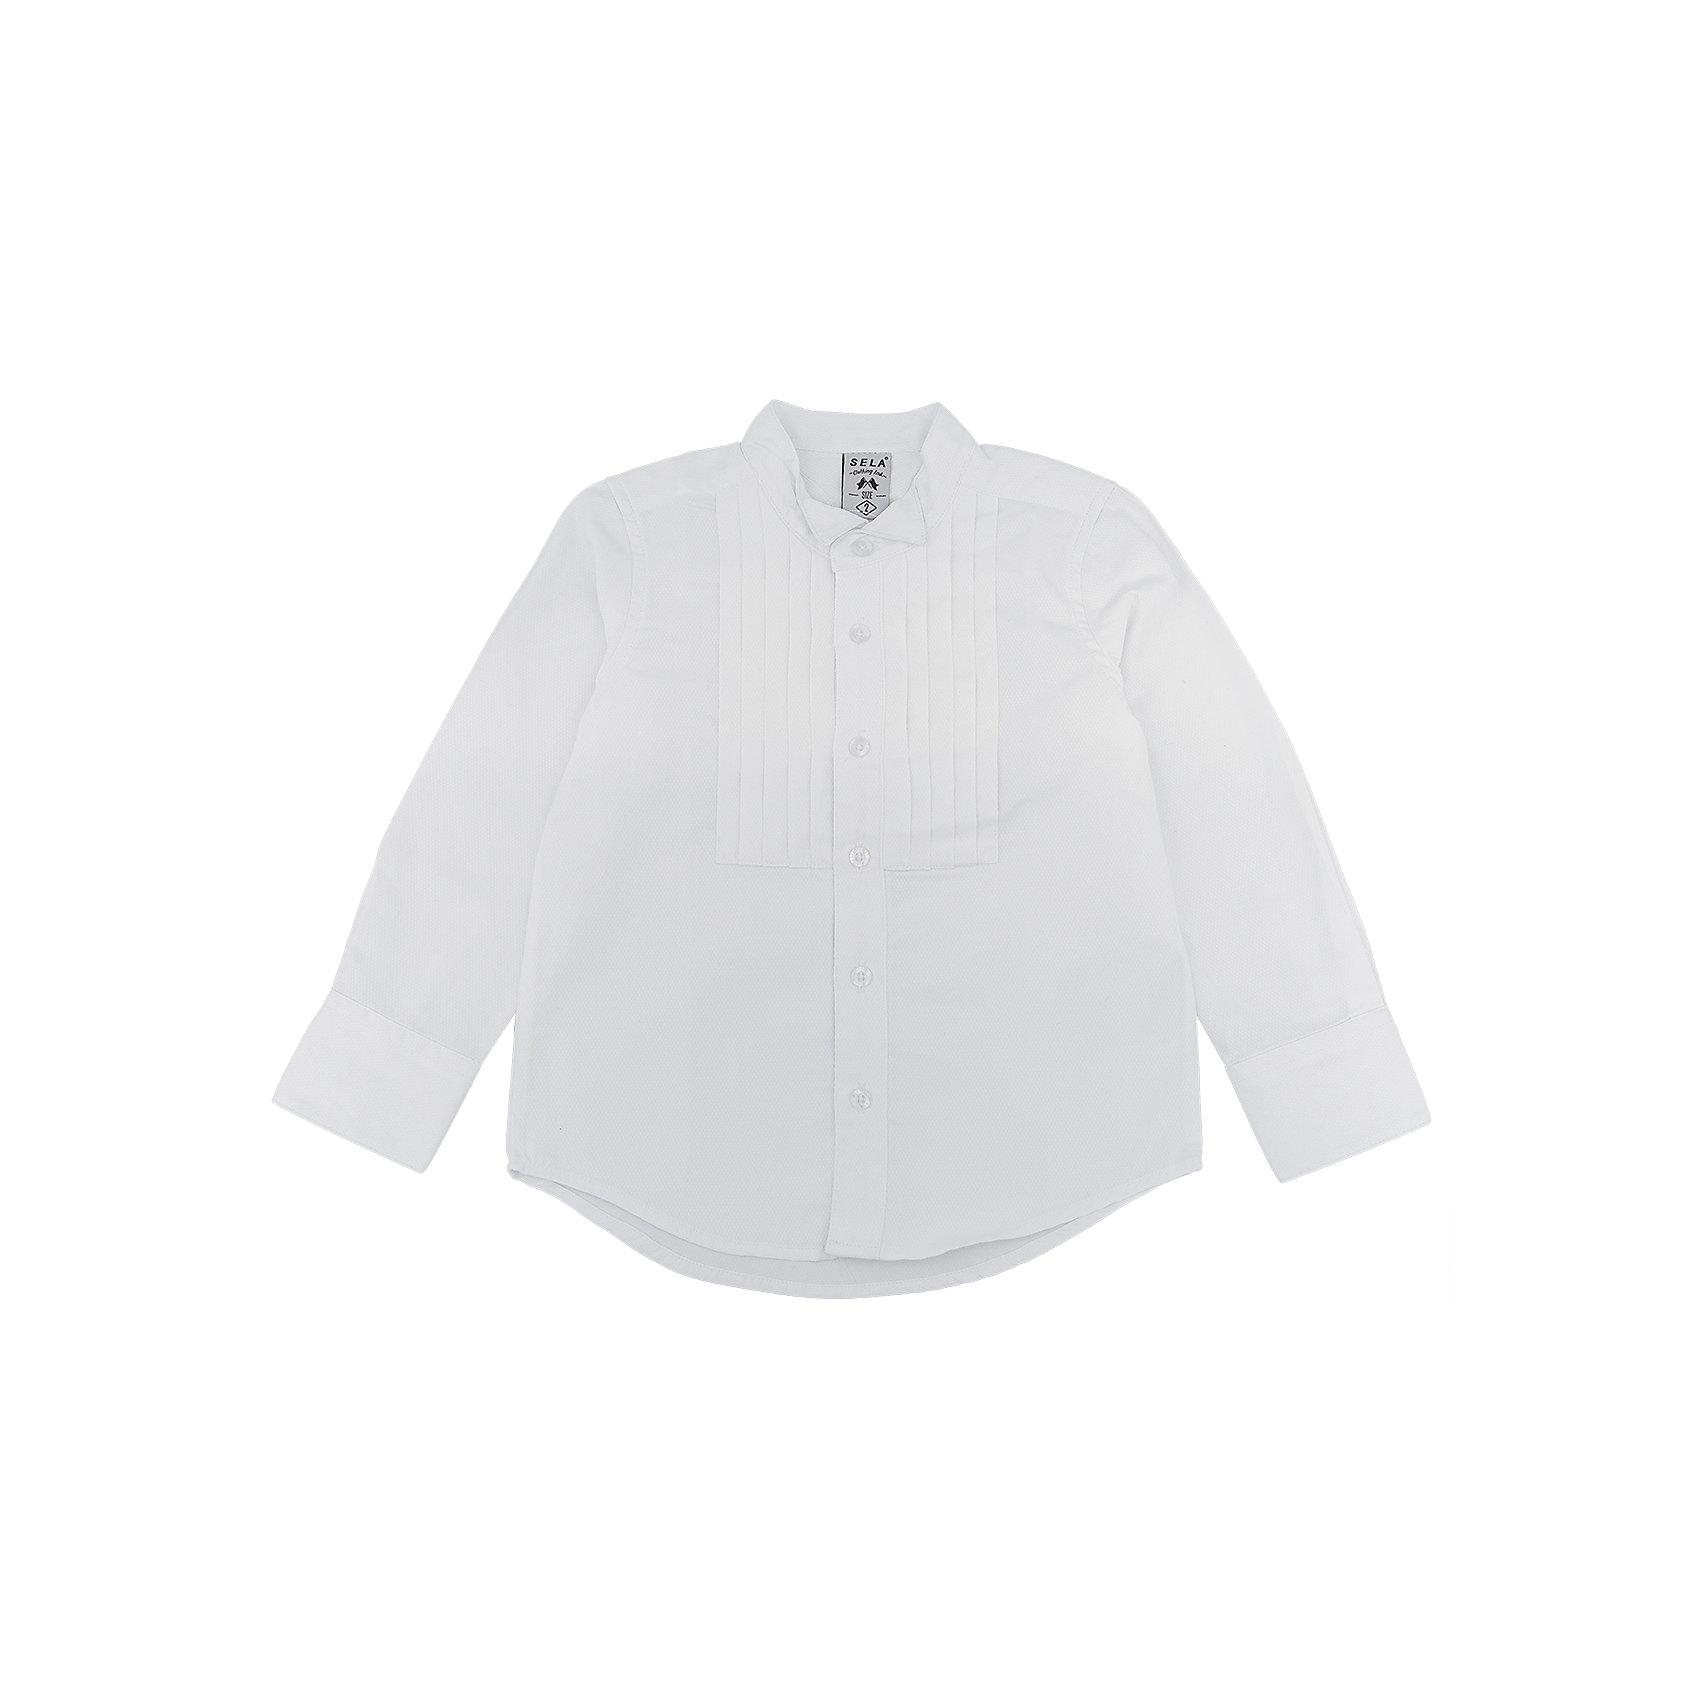 Рубашка для мальчика SELAРубашка для мальчика SELA<br><br>Характеристики:<br><br>• Цвет белый.<br>• Рукав длинный.<br>• Силуэт прямой.<br>• Состав:50% хлопок, 50 %полиэстер.<br><br>Рубашка для мальчика SELA от признанного лидера по созданию коллекций одежды в стиле casual – SELA.<br>Данная модель из коллекции нового сезона, смотрится очень стильно. Полочки рубашки декорированы защипами. У данной модели необычный крой воротника. Натуральный хлопок в составе материала обеспечит коже возможность дышать и не вызовет аллергии.. Интересно смотрится благодаря комбинированию разных тканей. Изделие сшито из тщательно подобранных материалов, абсолютно безопасных для ребенка.<br><br>Рубашку для мальчика от компании SELA можно купить в нашем магазине.<br><br>Ширина мм: 174<br>Глубина мм: 10<br>Высота мм: 169<br>Вес г: 157<br>Цвет: белый<br>Возраст от месяцев: 60<br>Возраст до месяцев: 72<br>Пол: Мужской<br>Возраст: Детский<br>Размер: 92,110,104,98,116<br>SKU: 5020155